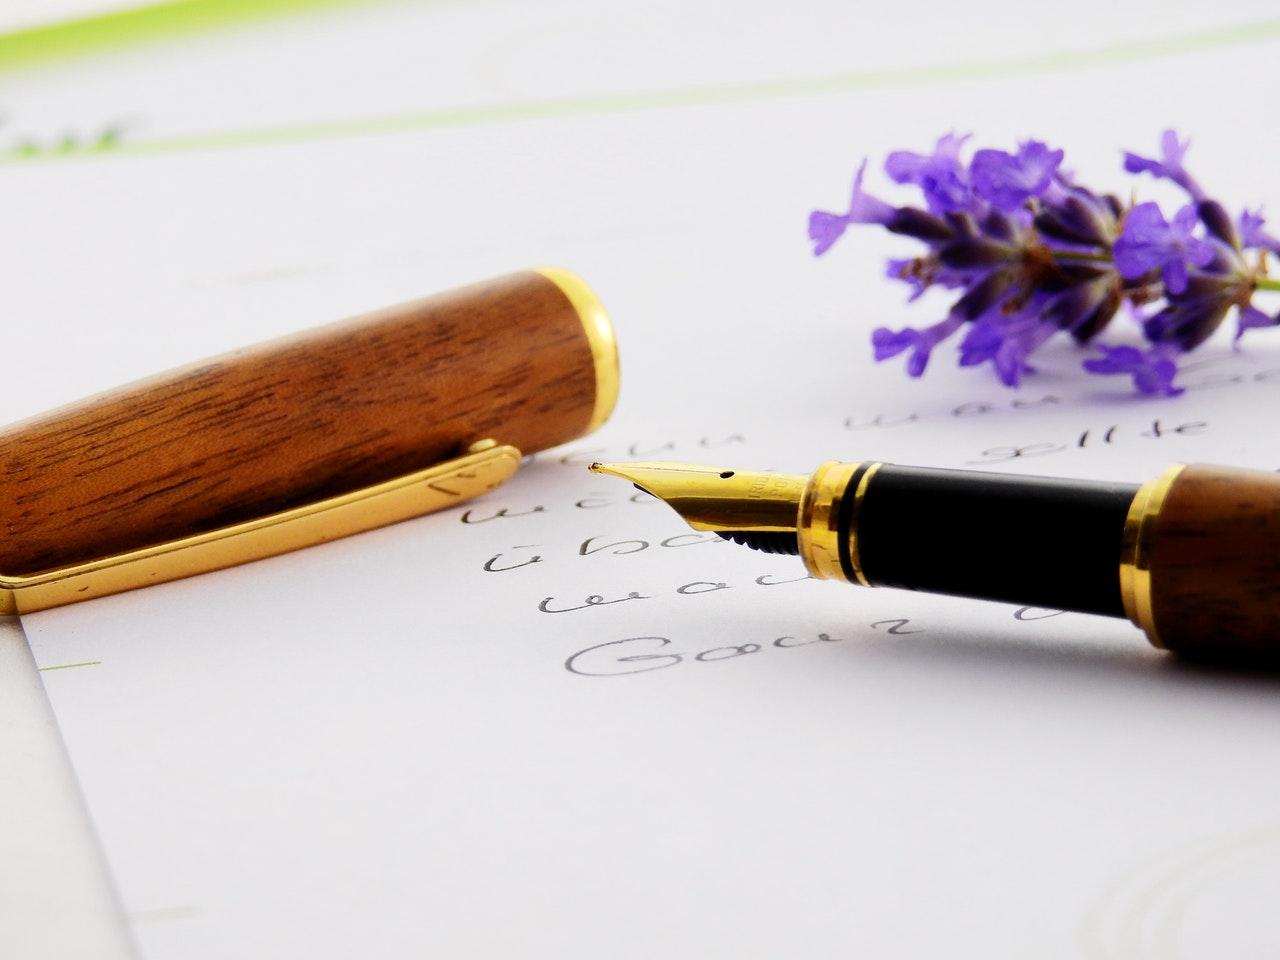 Jak pisać wiersze, czyli rozterki poetyckie